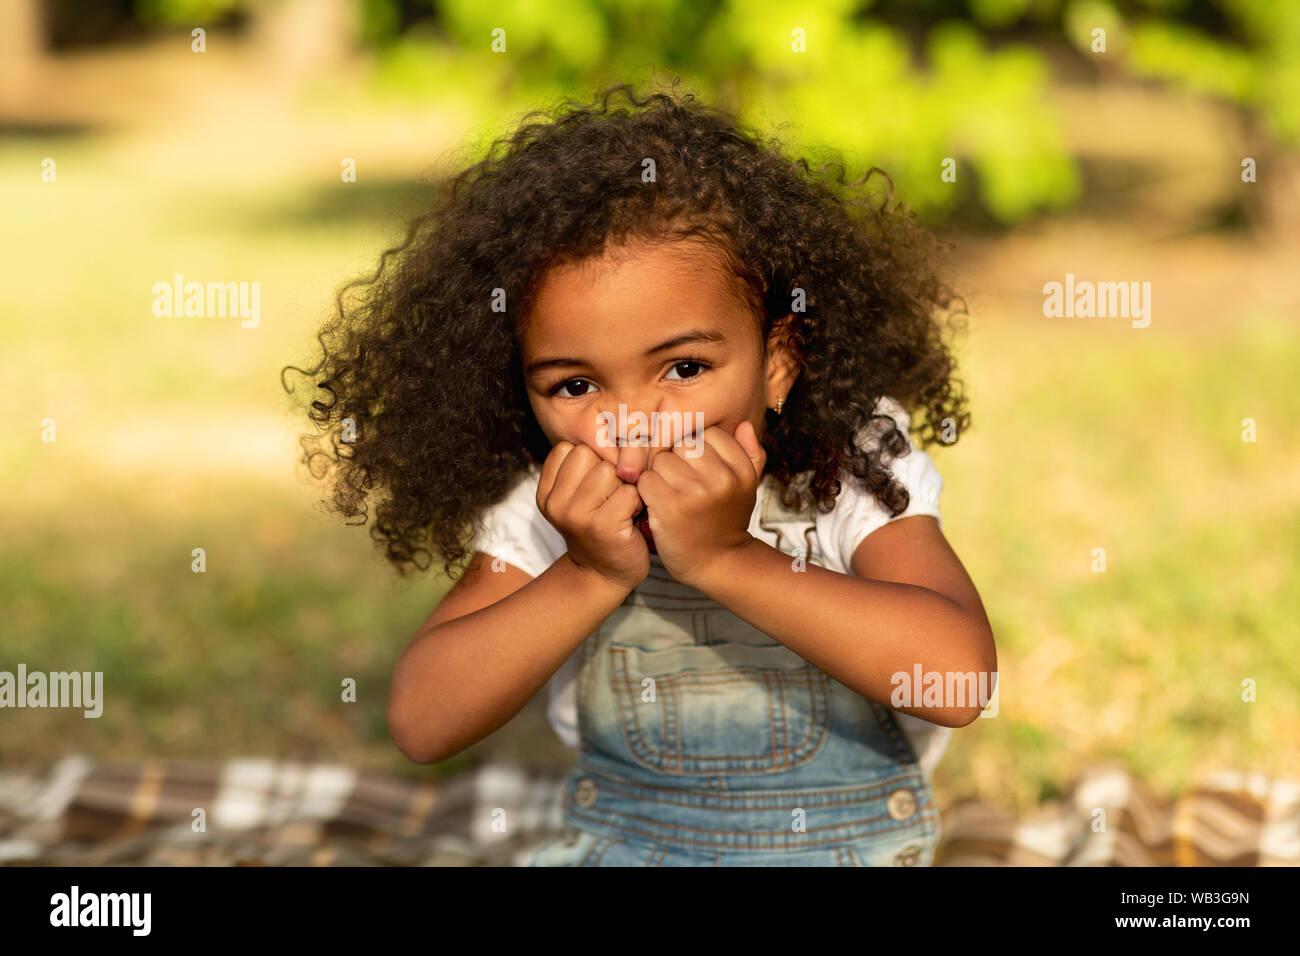 Petite fille grimaçant et toucher les joues dans la nature park Banque D'Images